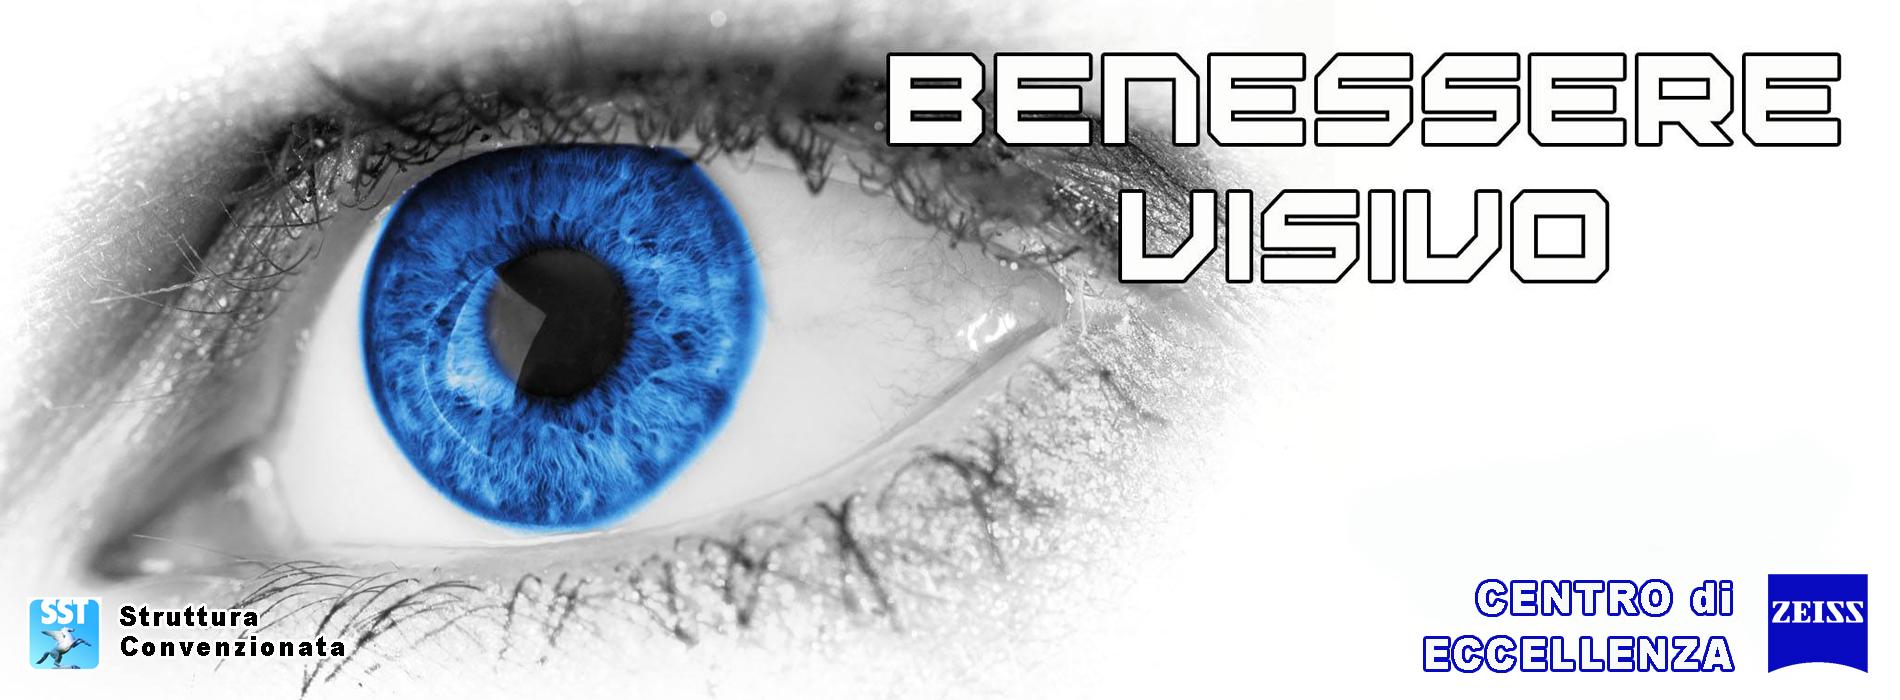 benessere visivo